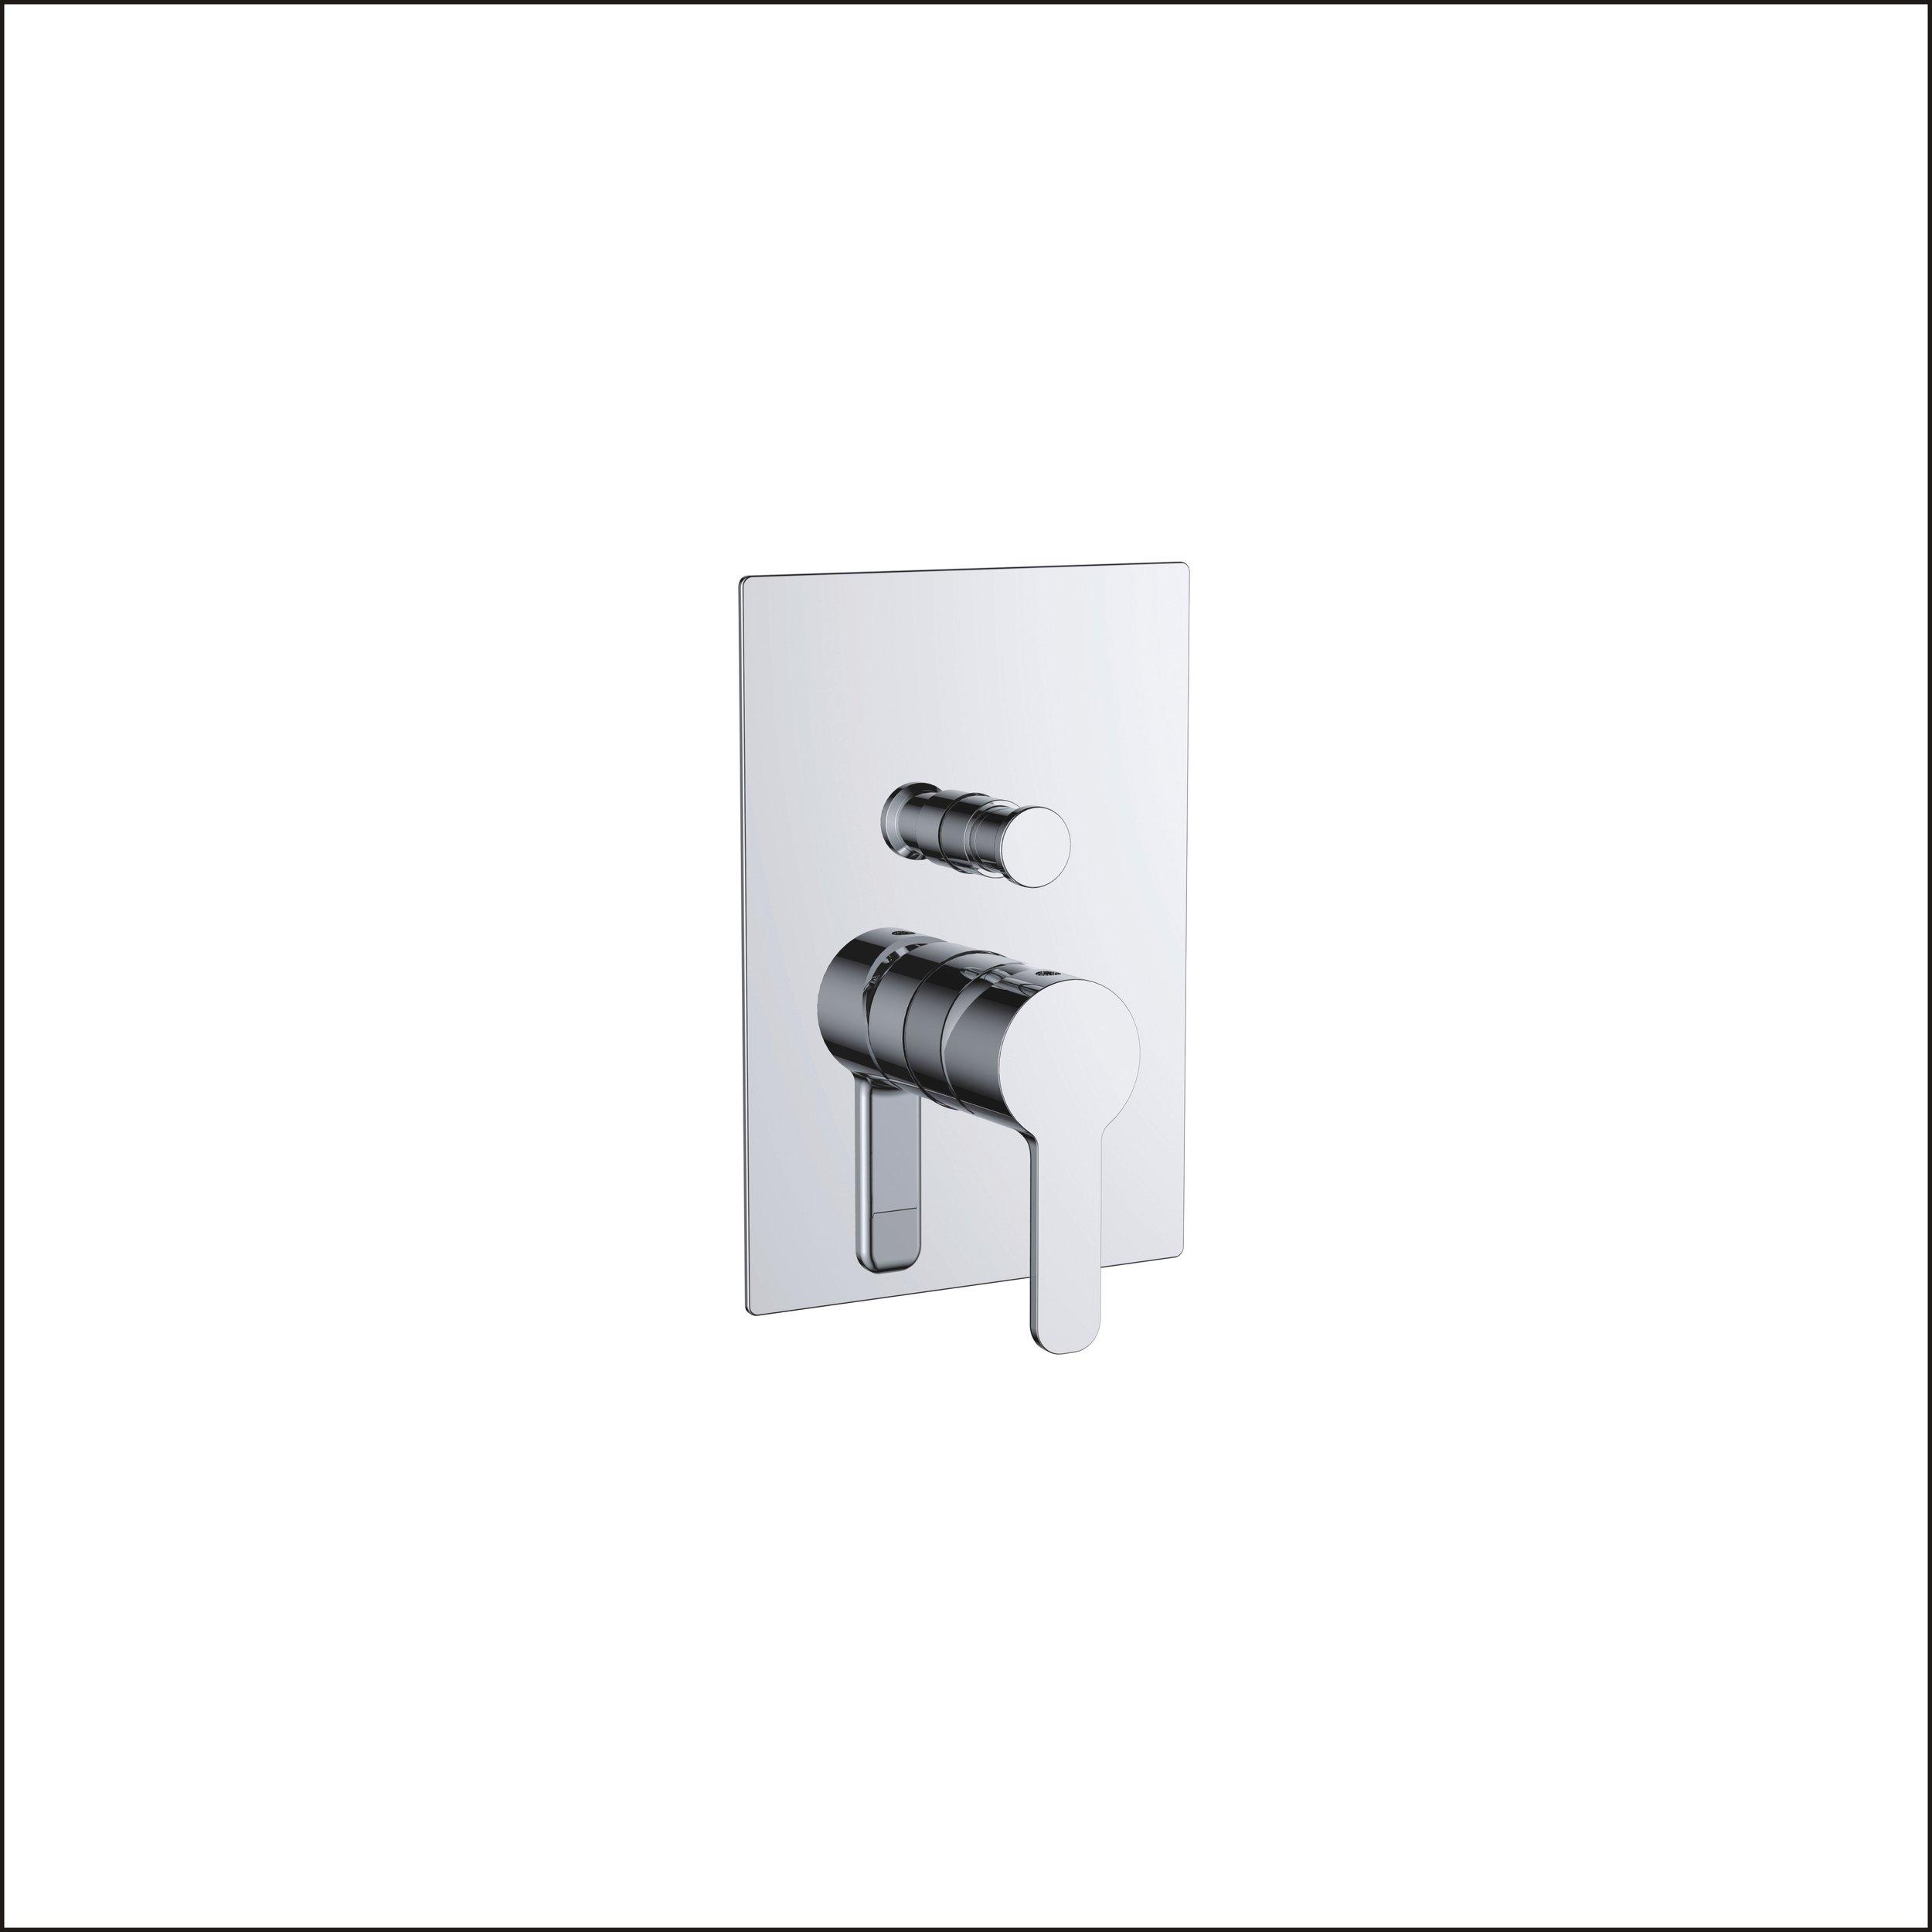 718-111: Concealed shower valve with diverter